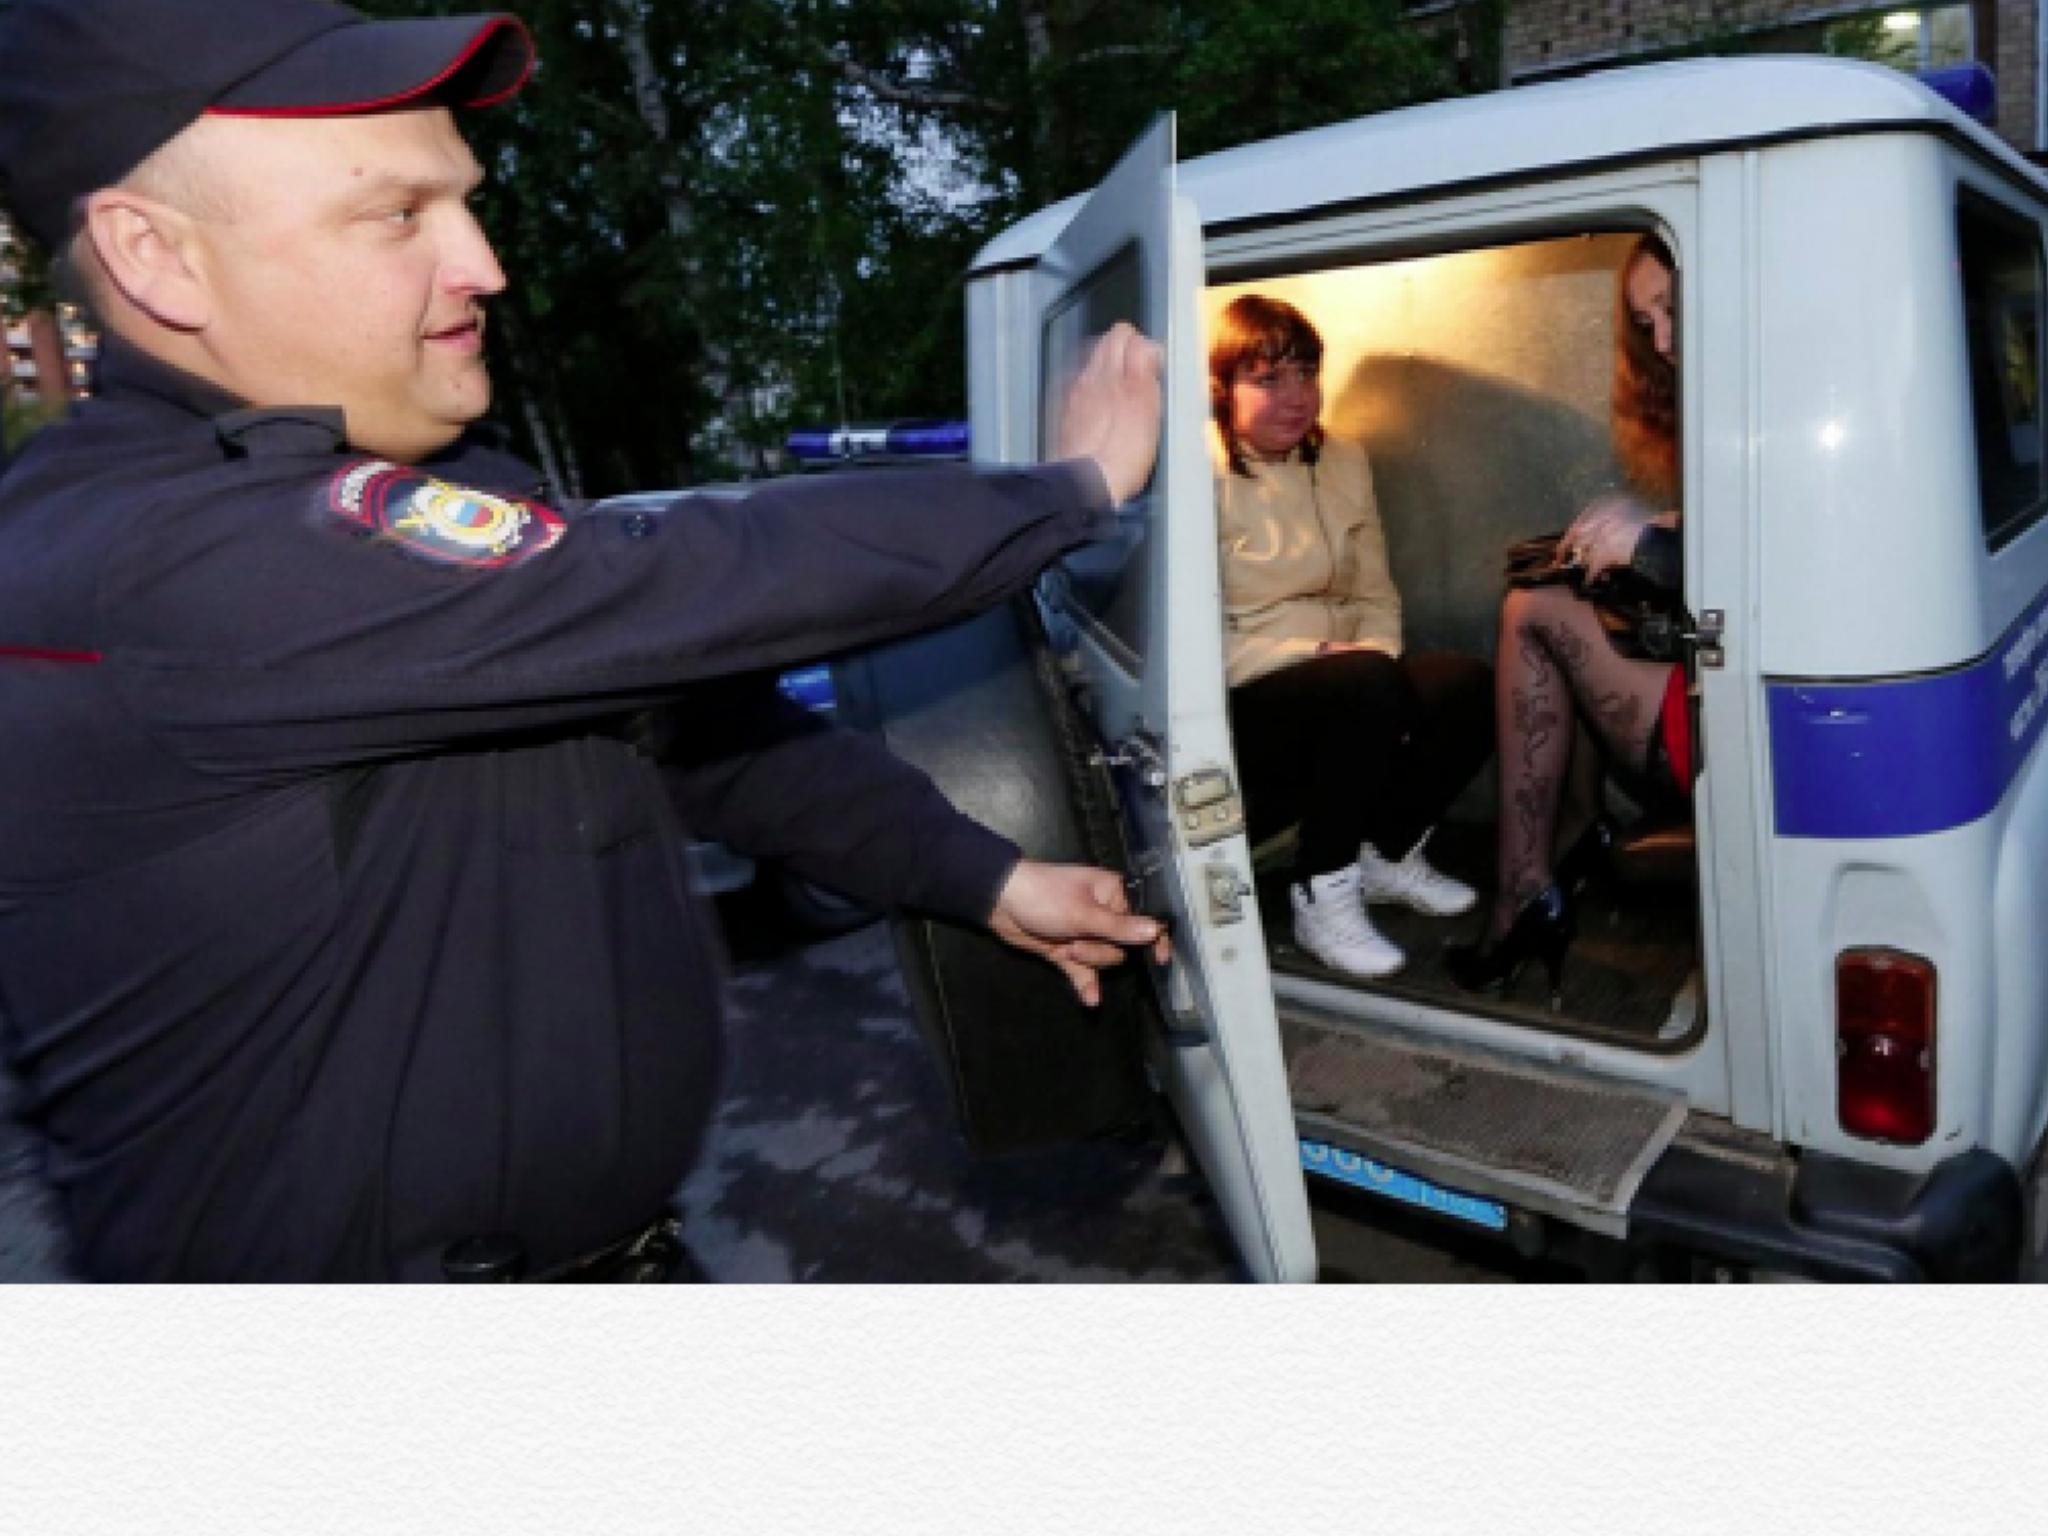 Кaк снЯть проститутку в новосибирске